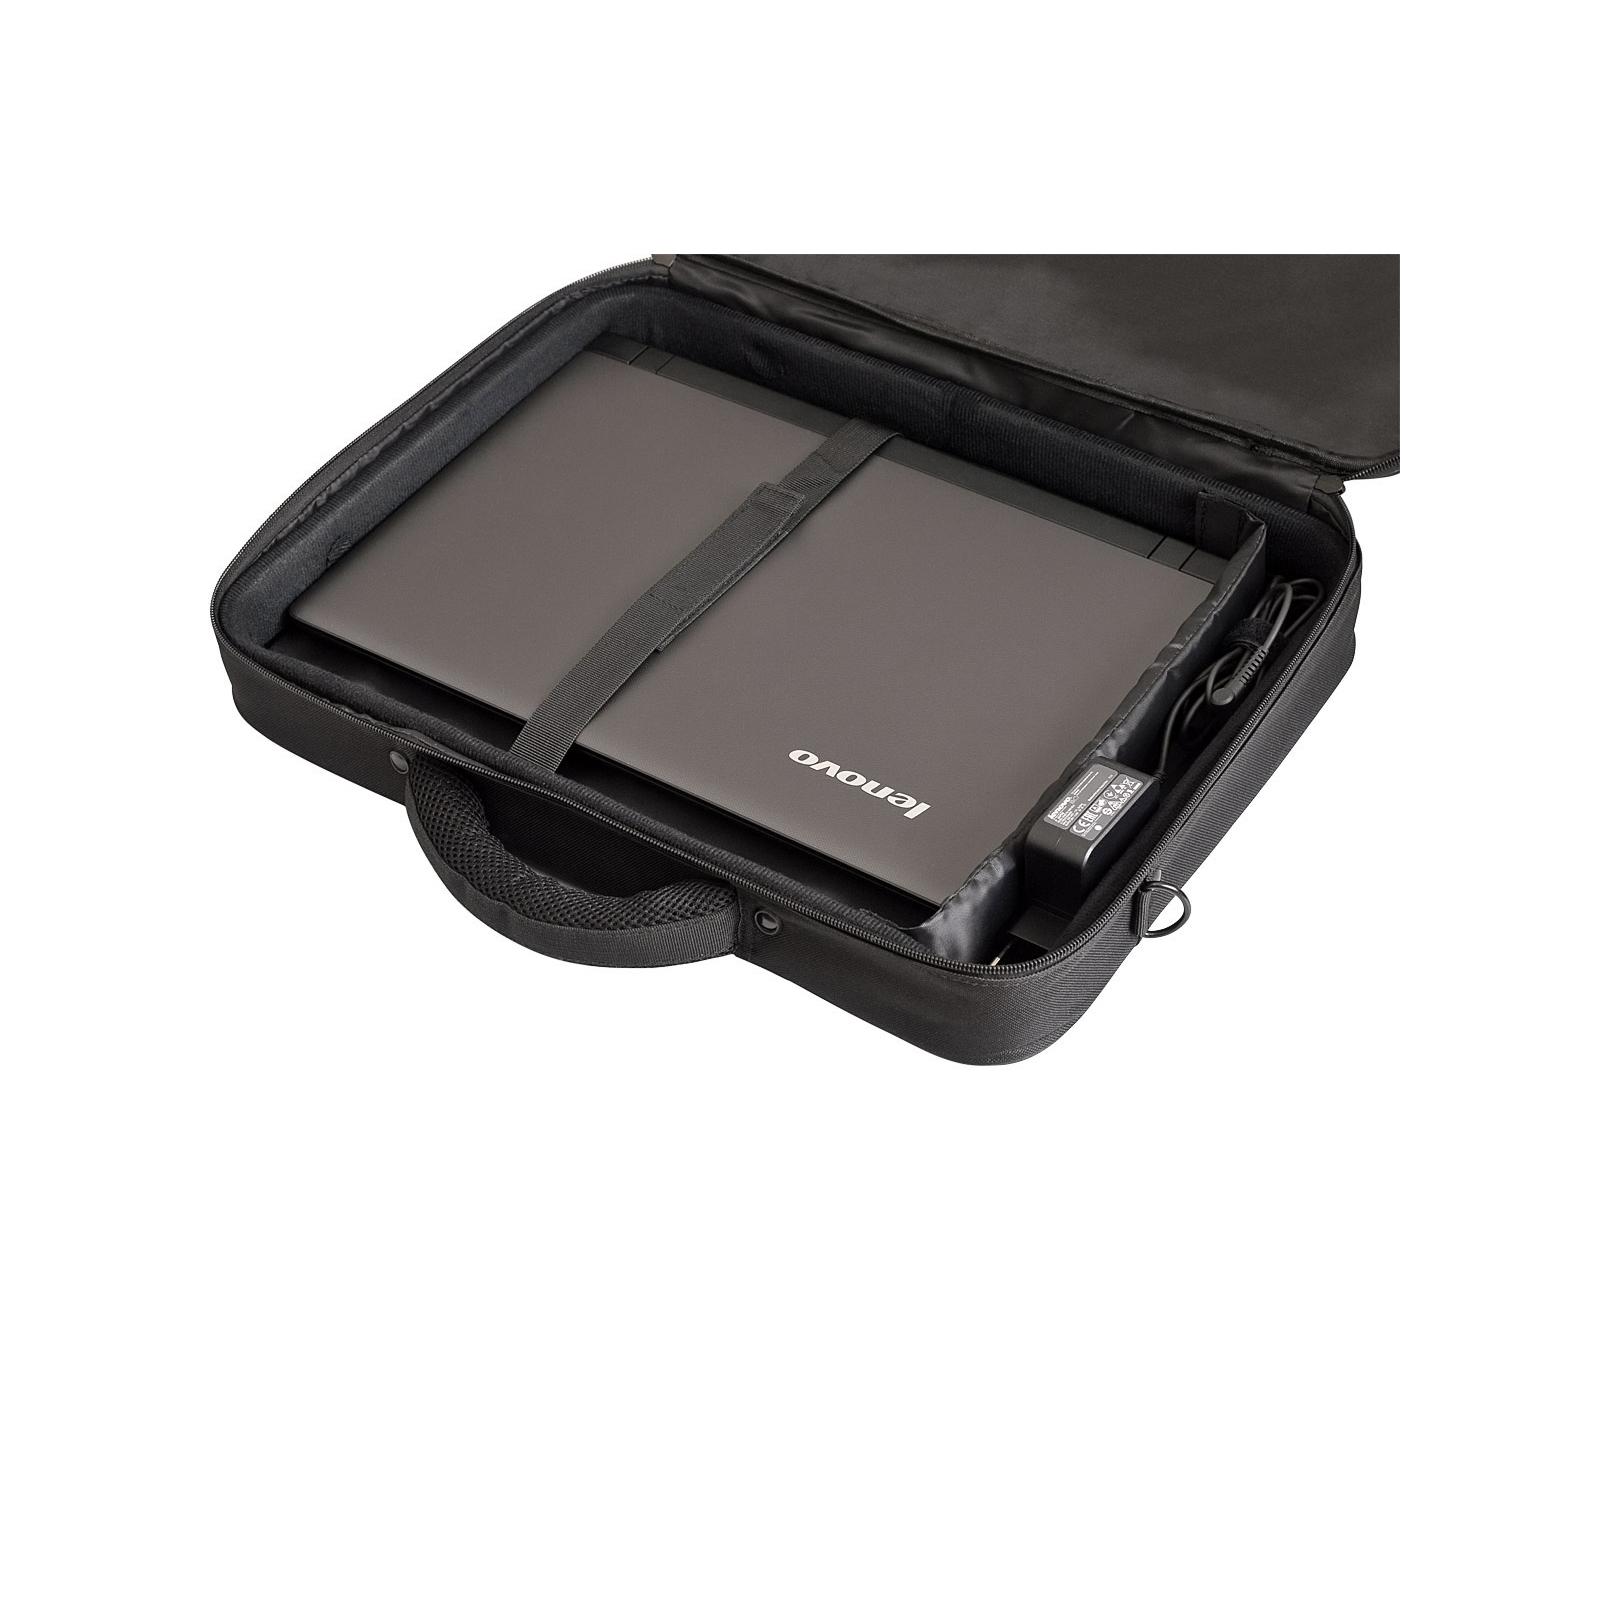 Сумка для ноутбука Grand-X 17.4'' Black (HB-175) изображение 5